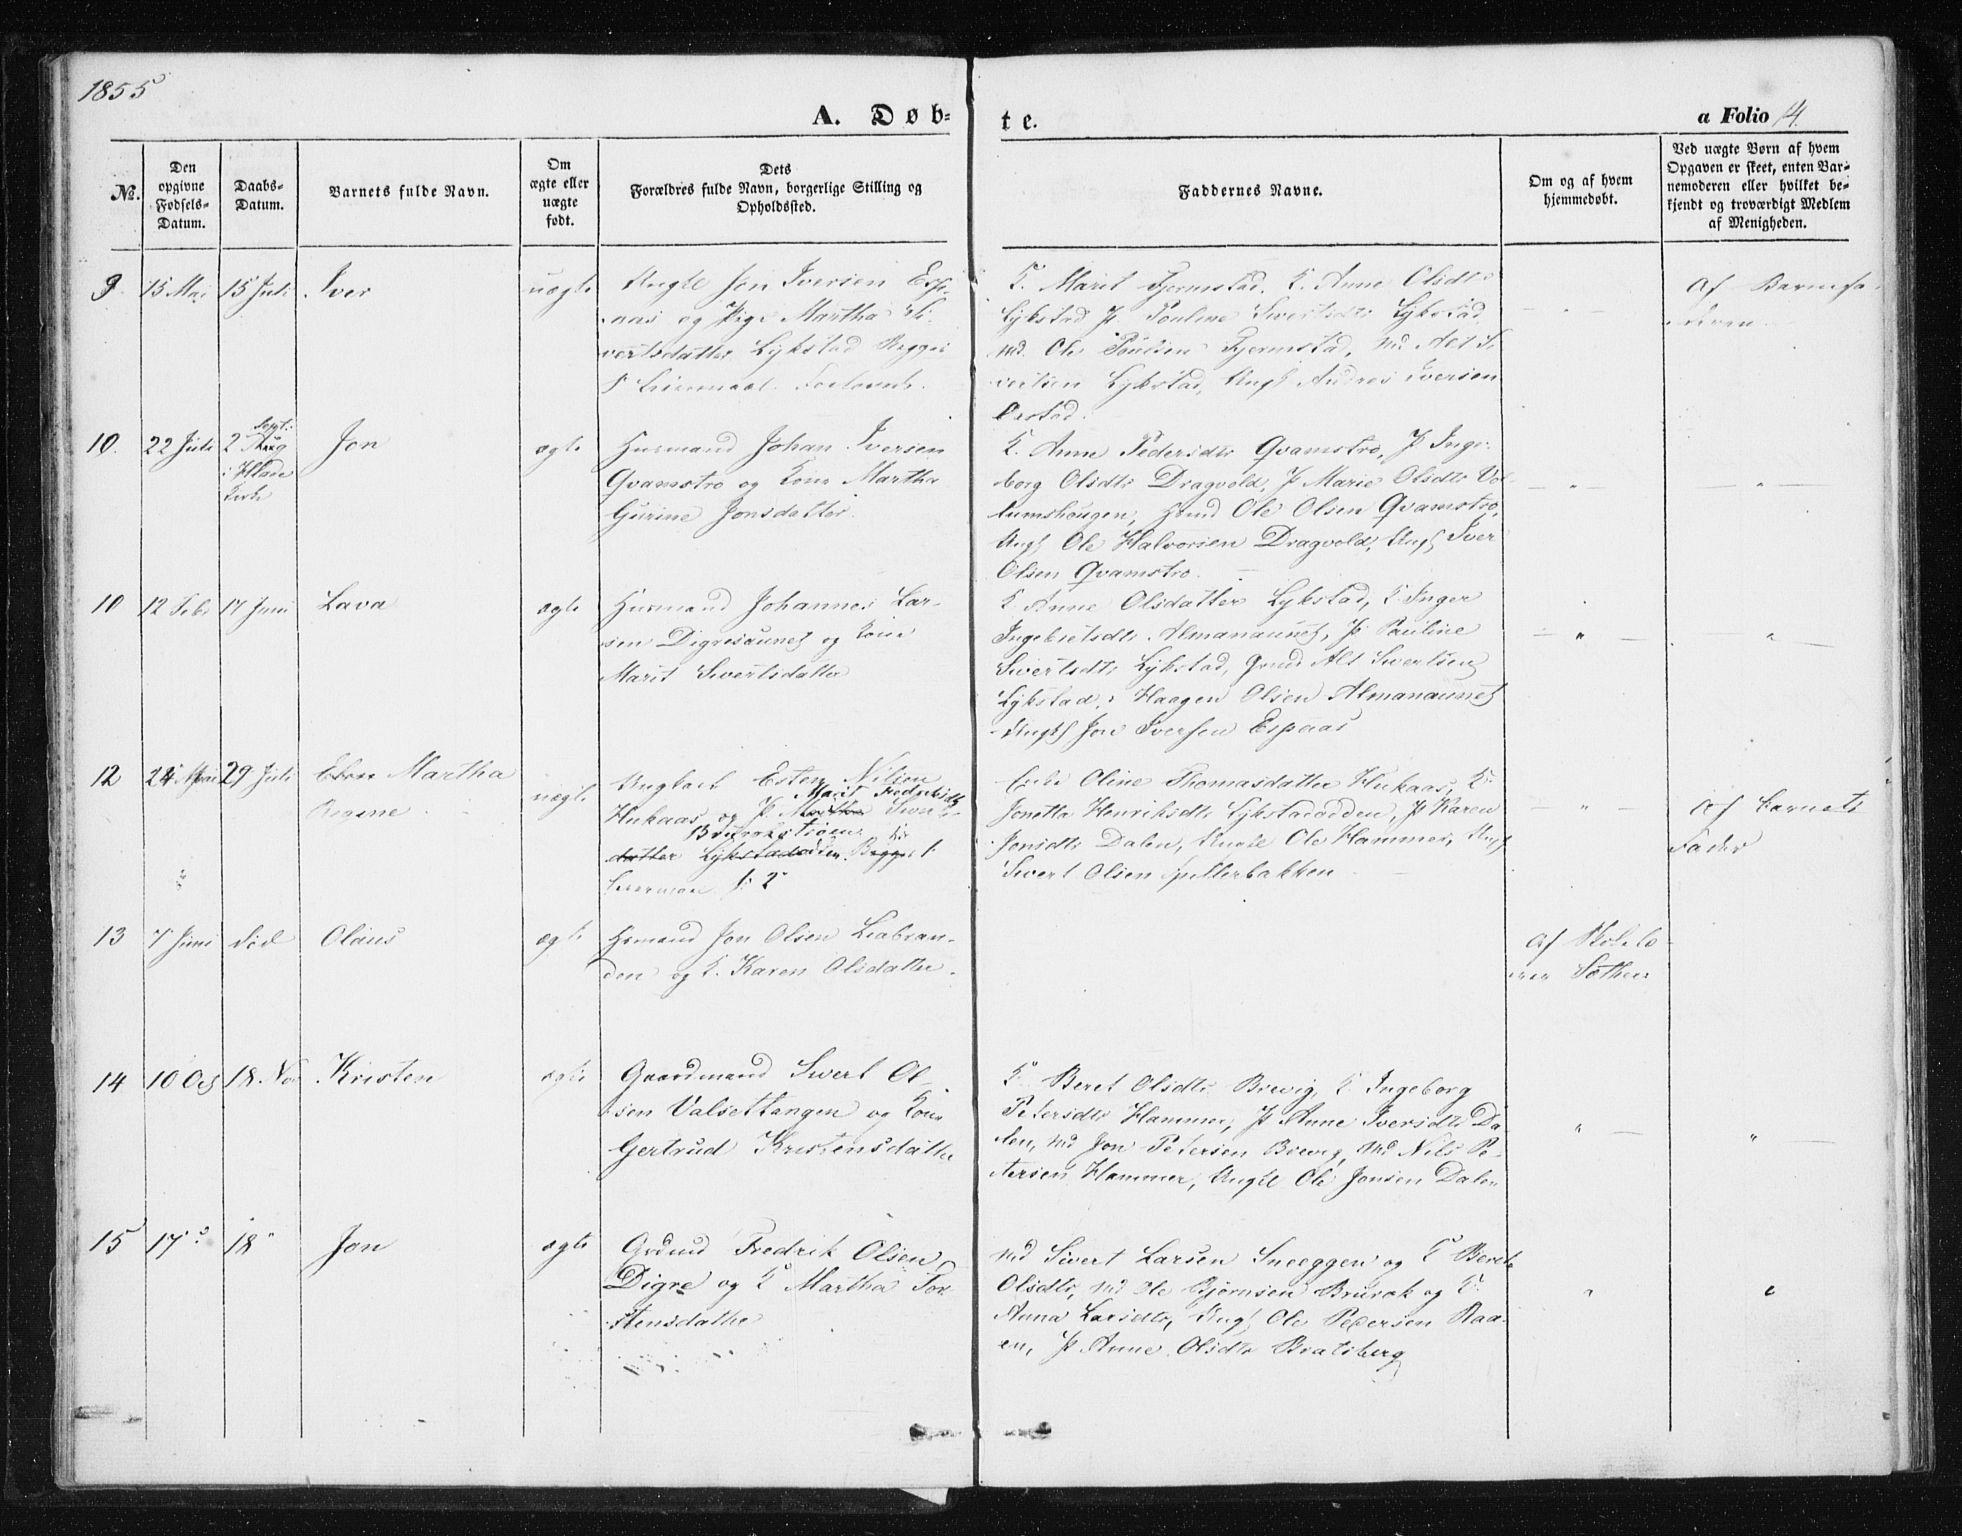 SAT, Ministerialprotokoller, klokkerbøker og fødselsregistre - Sør-Trøndelag, 608/L0332: Ministerialbok nr. 608A01, 1848-1861, s. 14